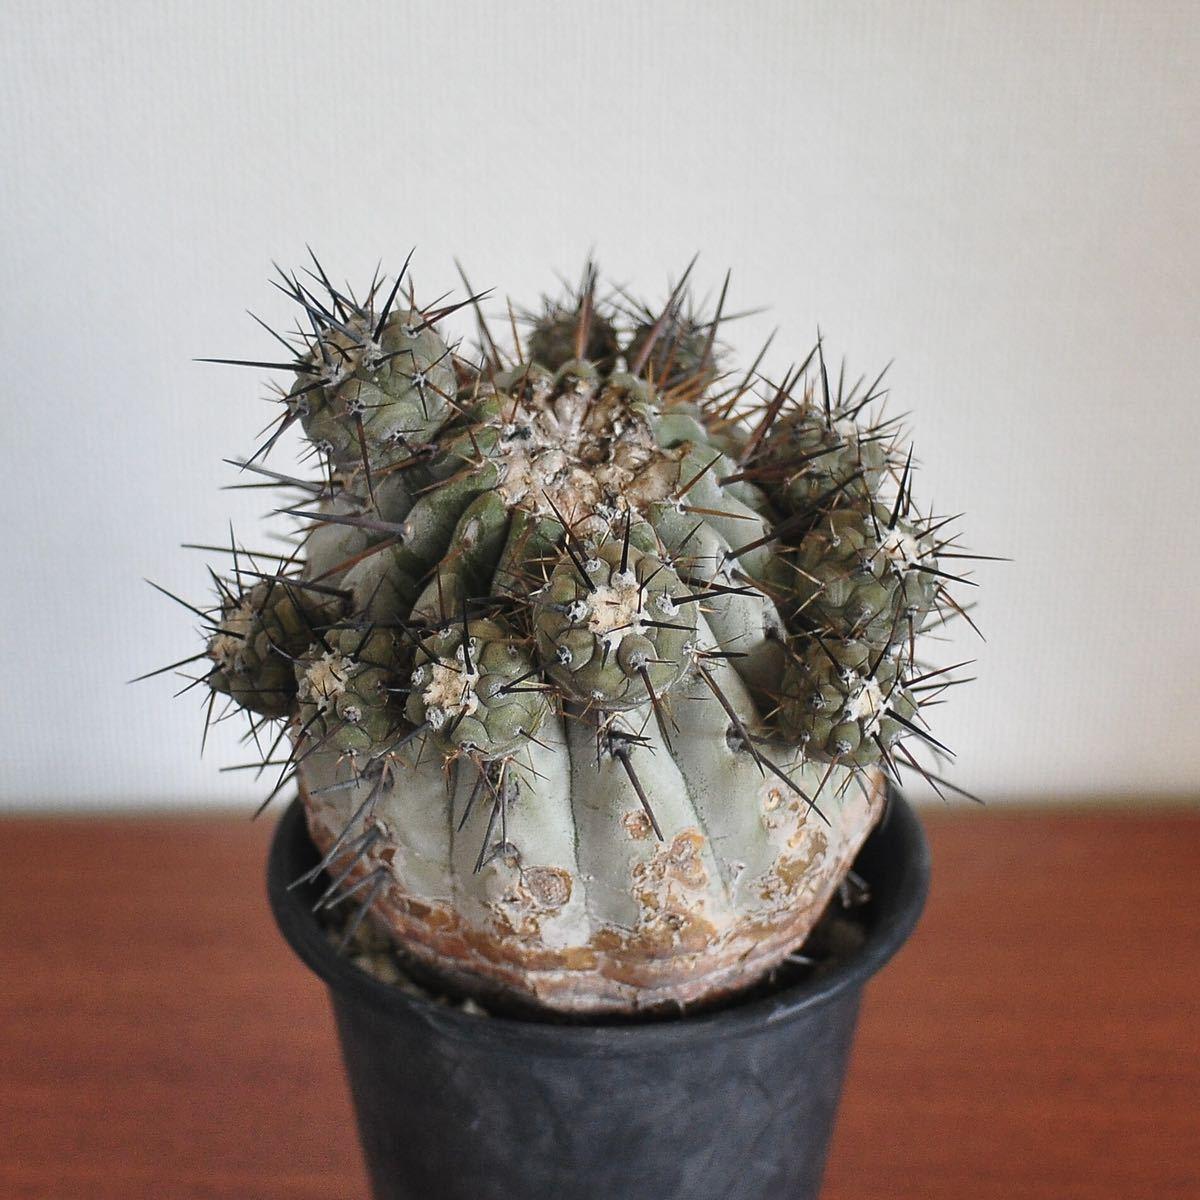 黒王丸 現地球 難あり コピアポア シネレア 多肉植物 サボテン コーデックス 塊根植物